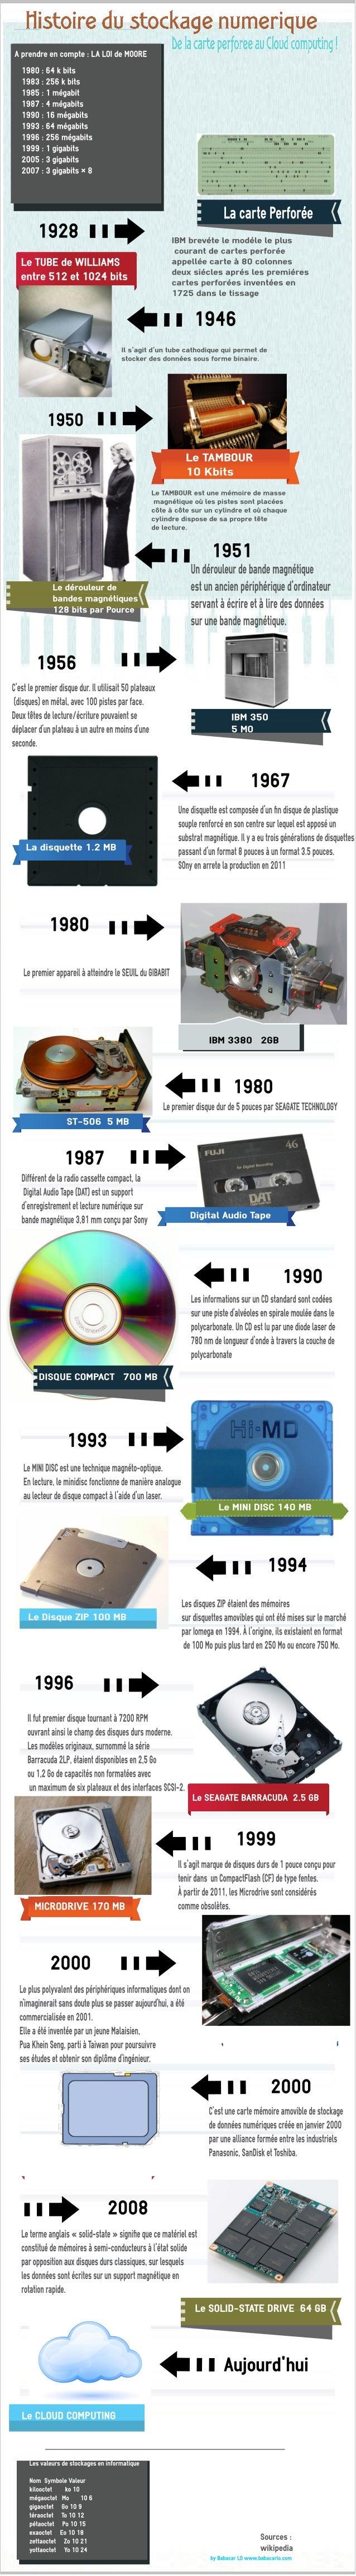 Histoire du stockage numérique